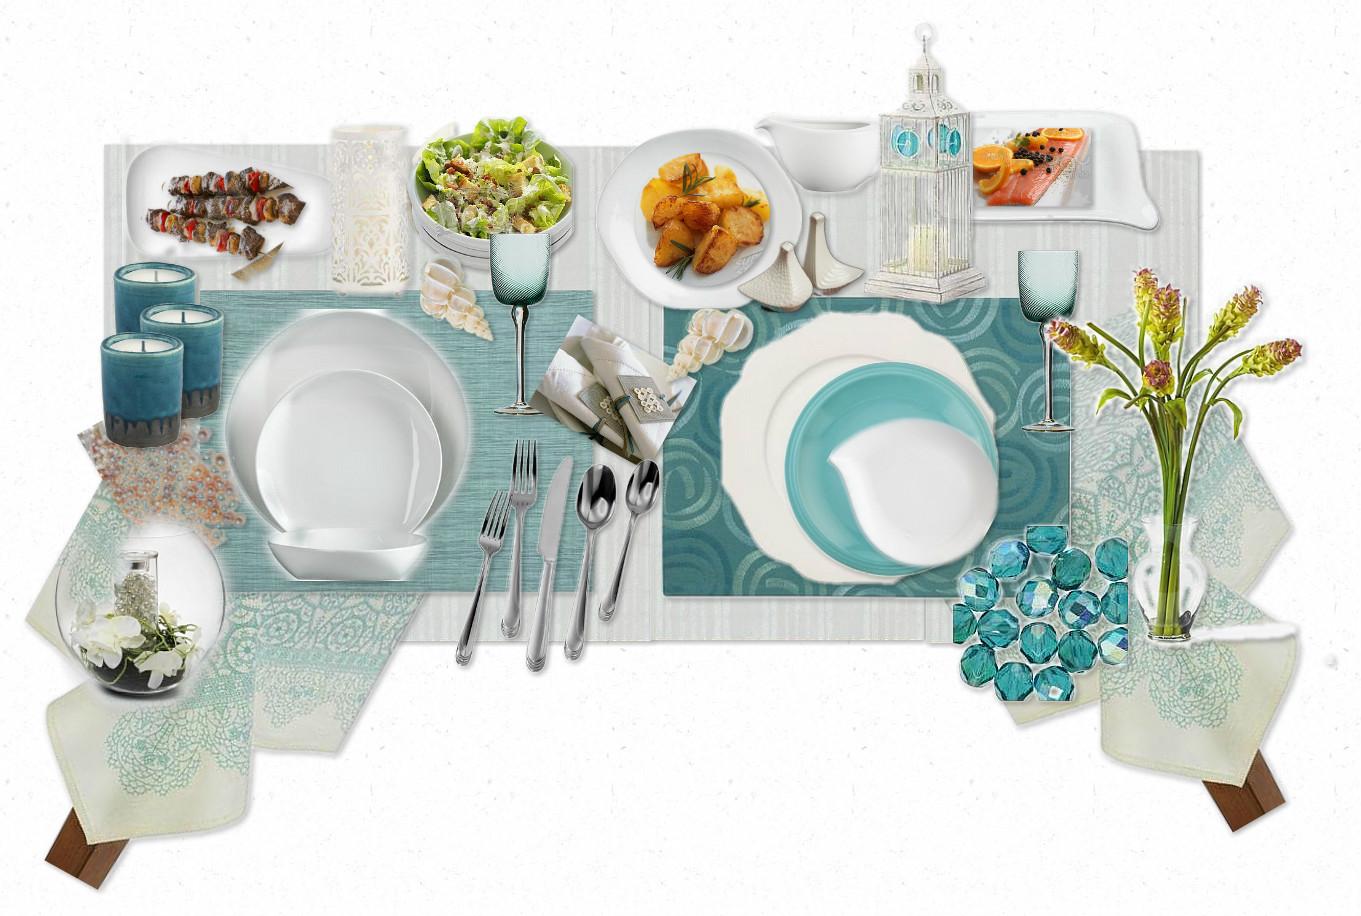 Teal Table Settings - Castrophotos